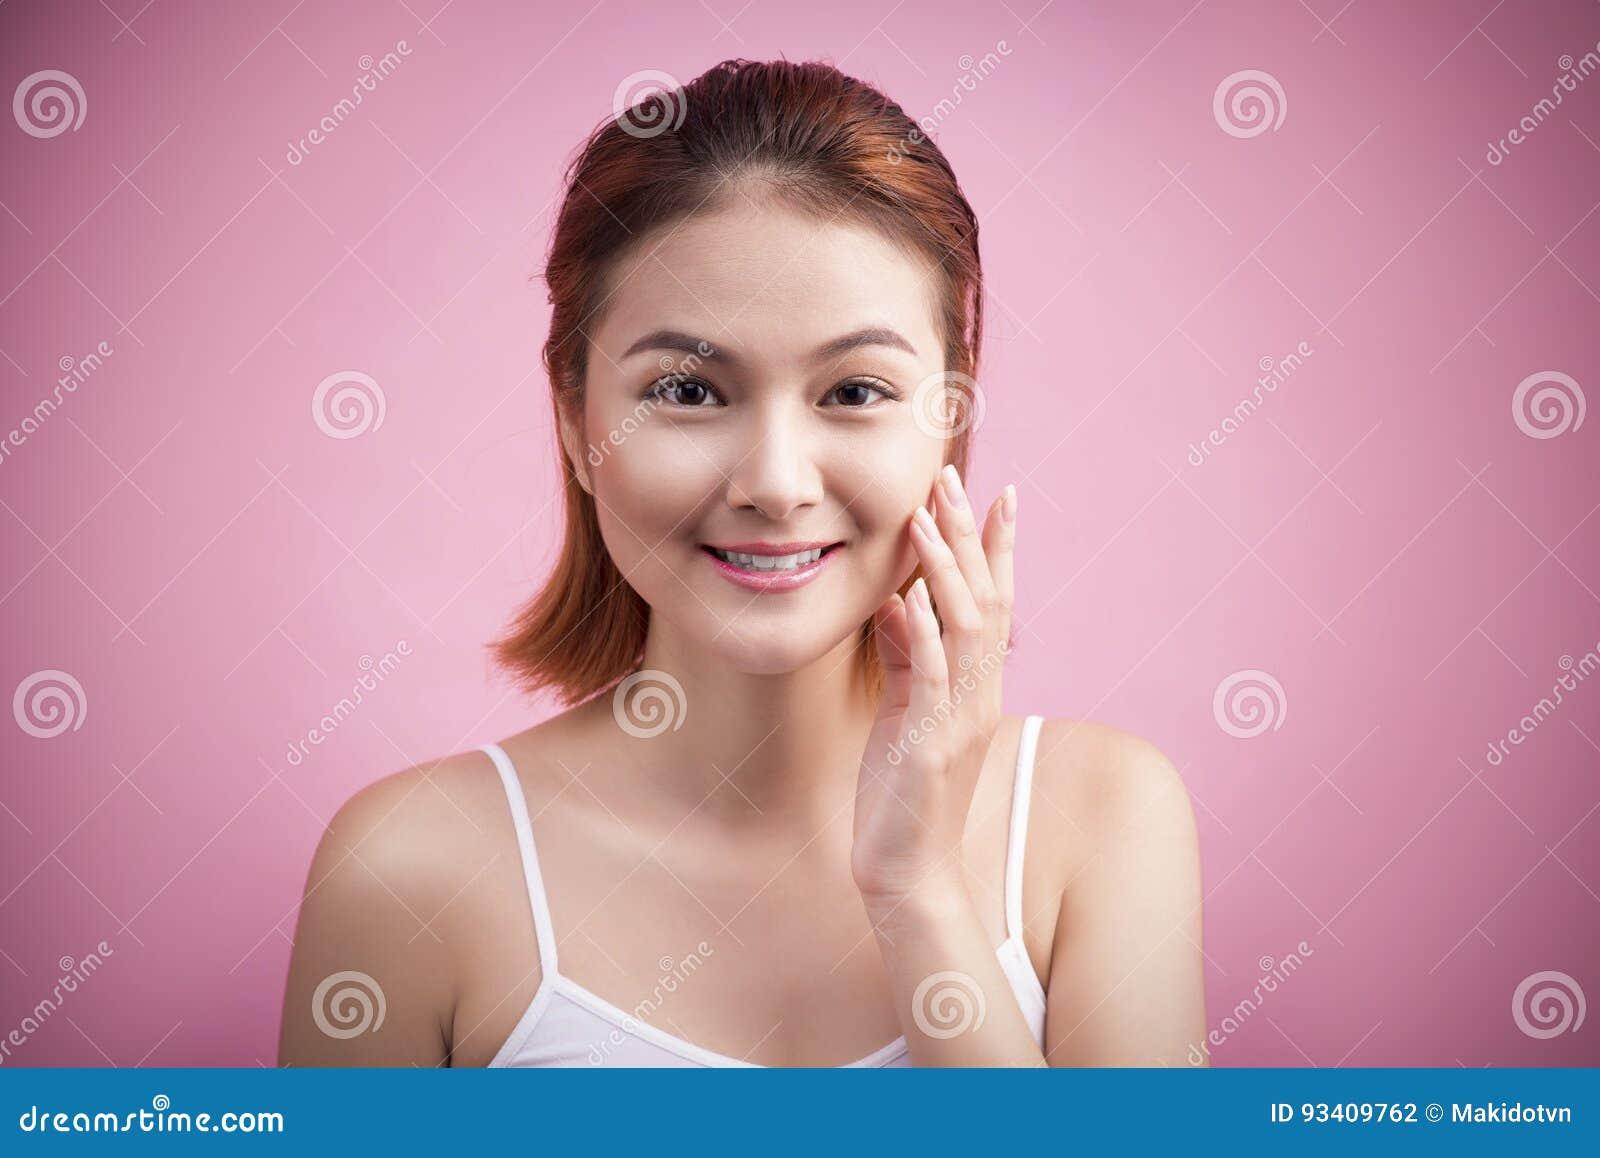 Porträt einer schönen lächelnden jungen Frau mit natürlichem Make-up